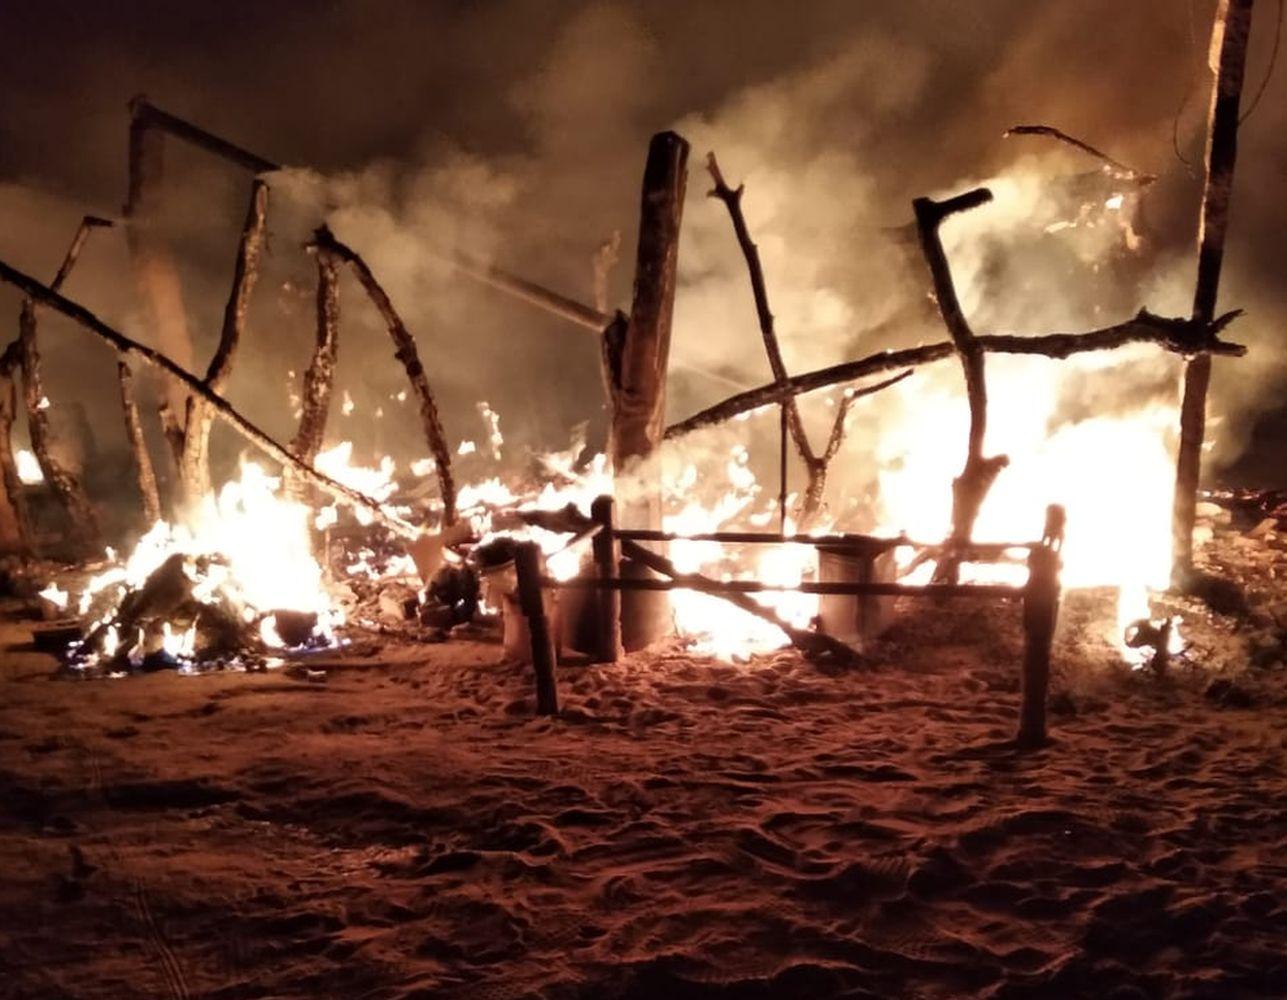 आग में कूदने से भी नहीं हिचकी यह मां, फिर ऐसा कुछ हुआ कि कलेजा कांप उठेगा